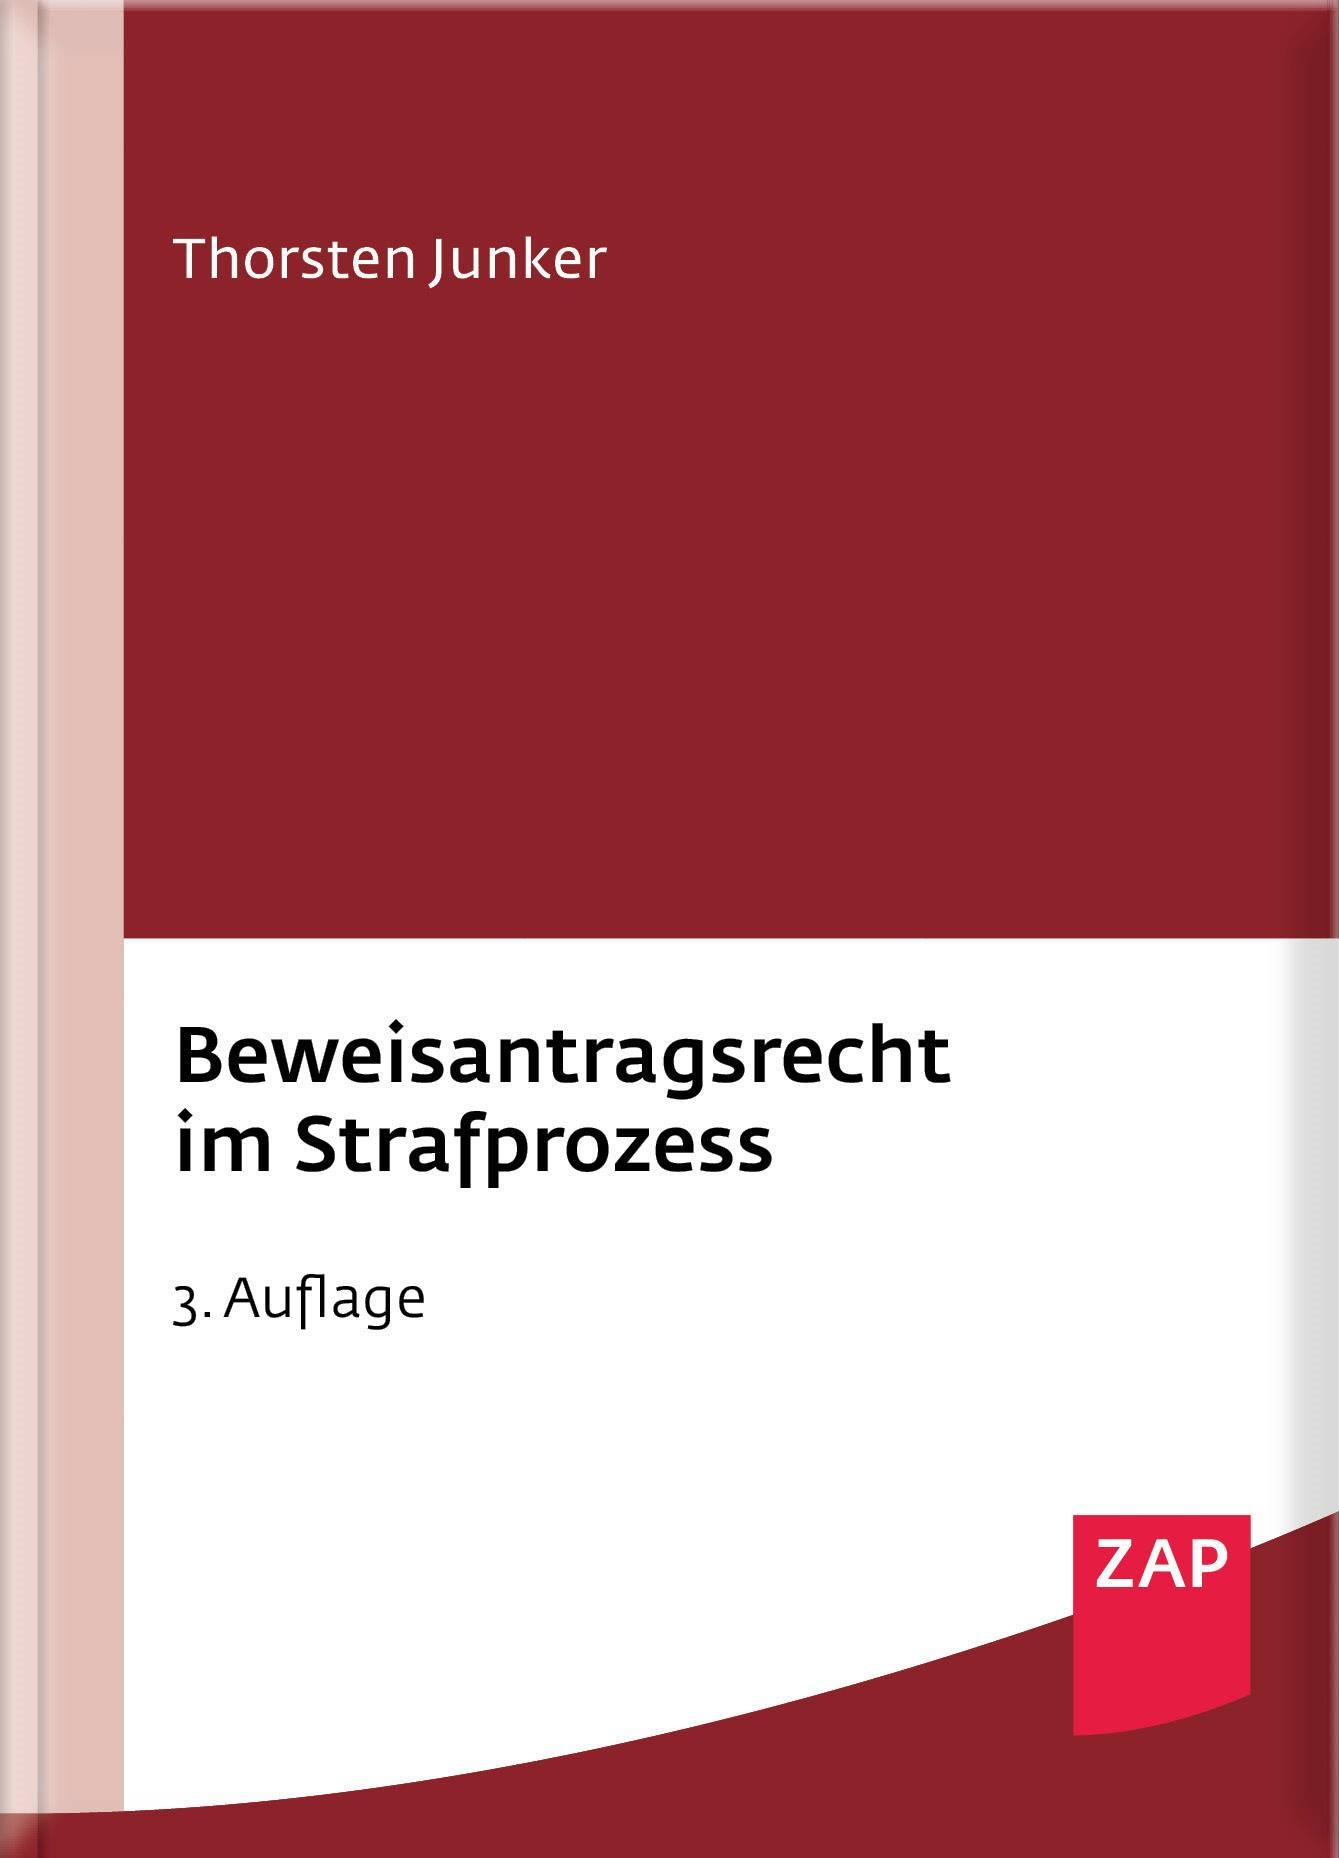 Beweisantragsrecht im Strafprozess | Junker | 3. Auflage, 2018 | Buch (Cover)